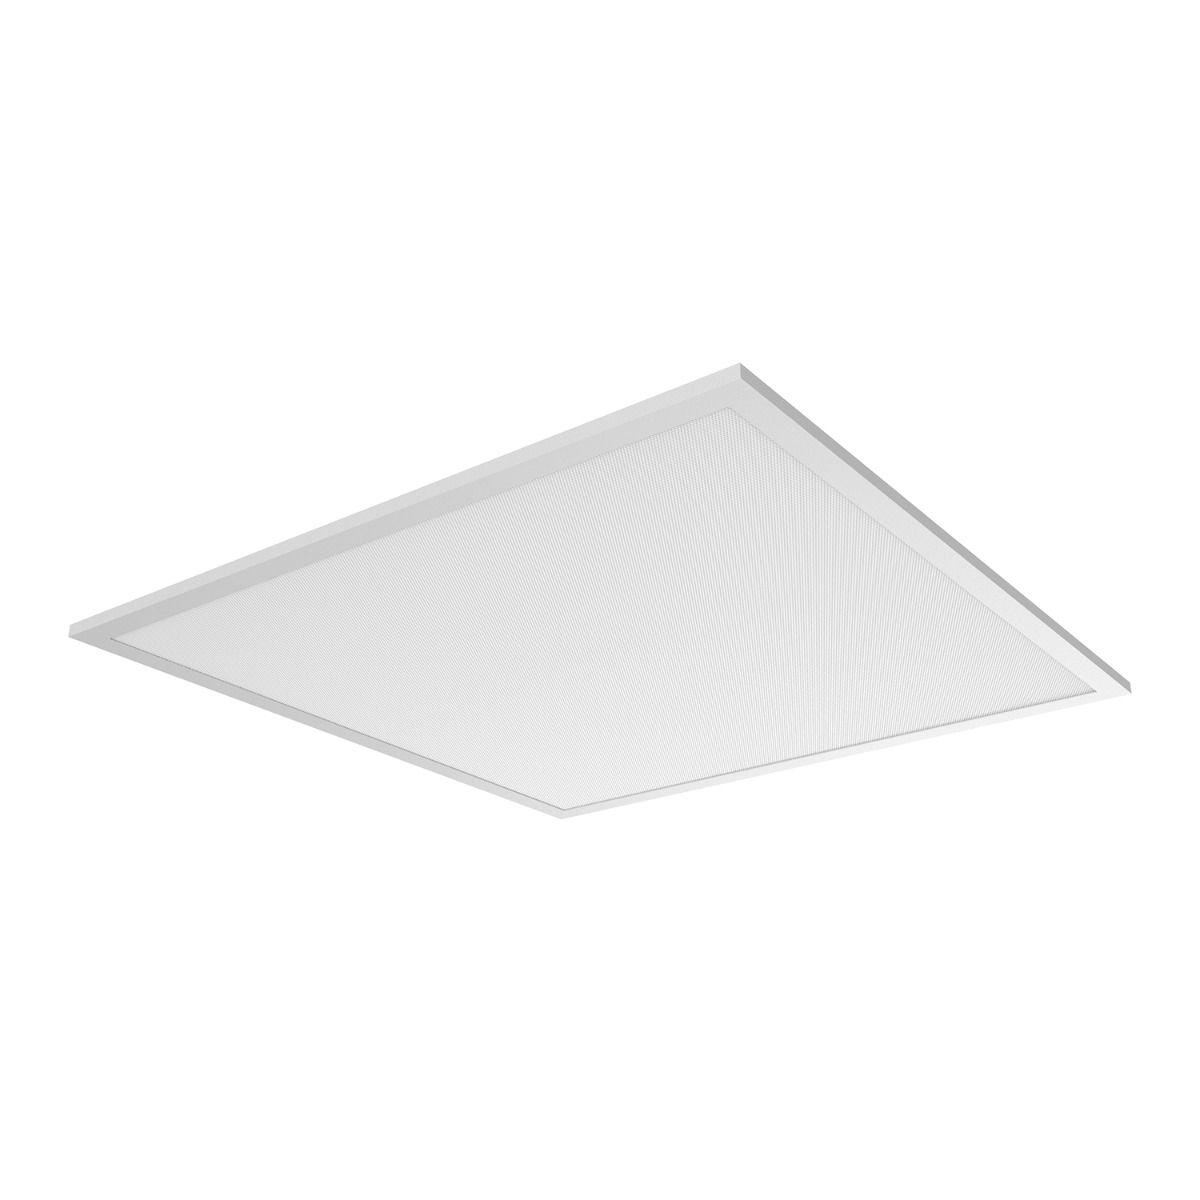 Noxion LED Paneel Delta Pro V3 Highlum 36W 4000K 5500lm 60x60cm UGR <19 | Vervanger voor 4x18W